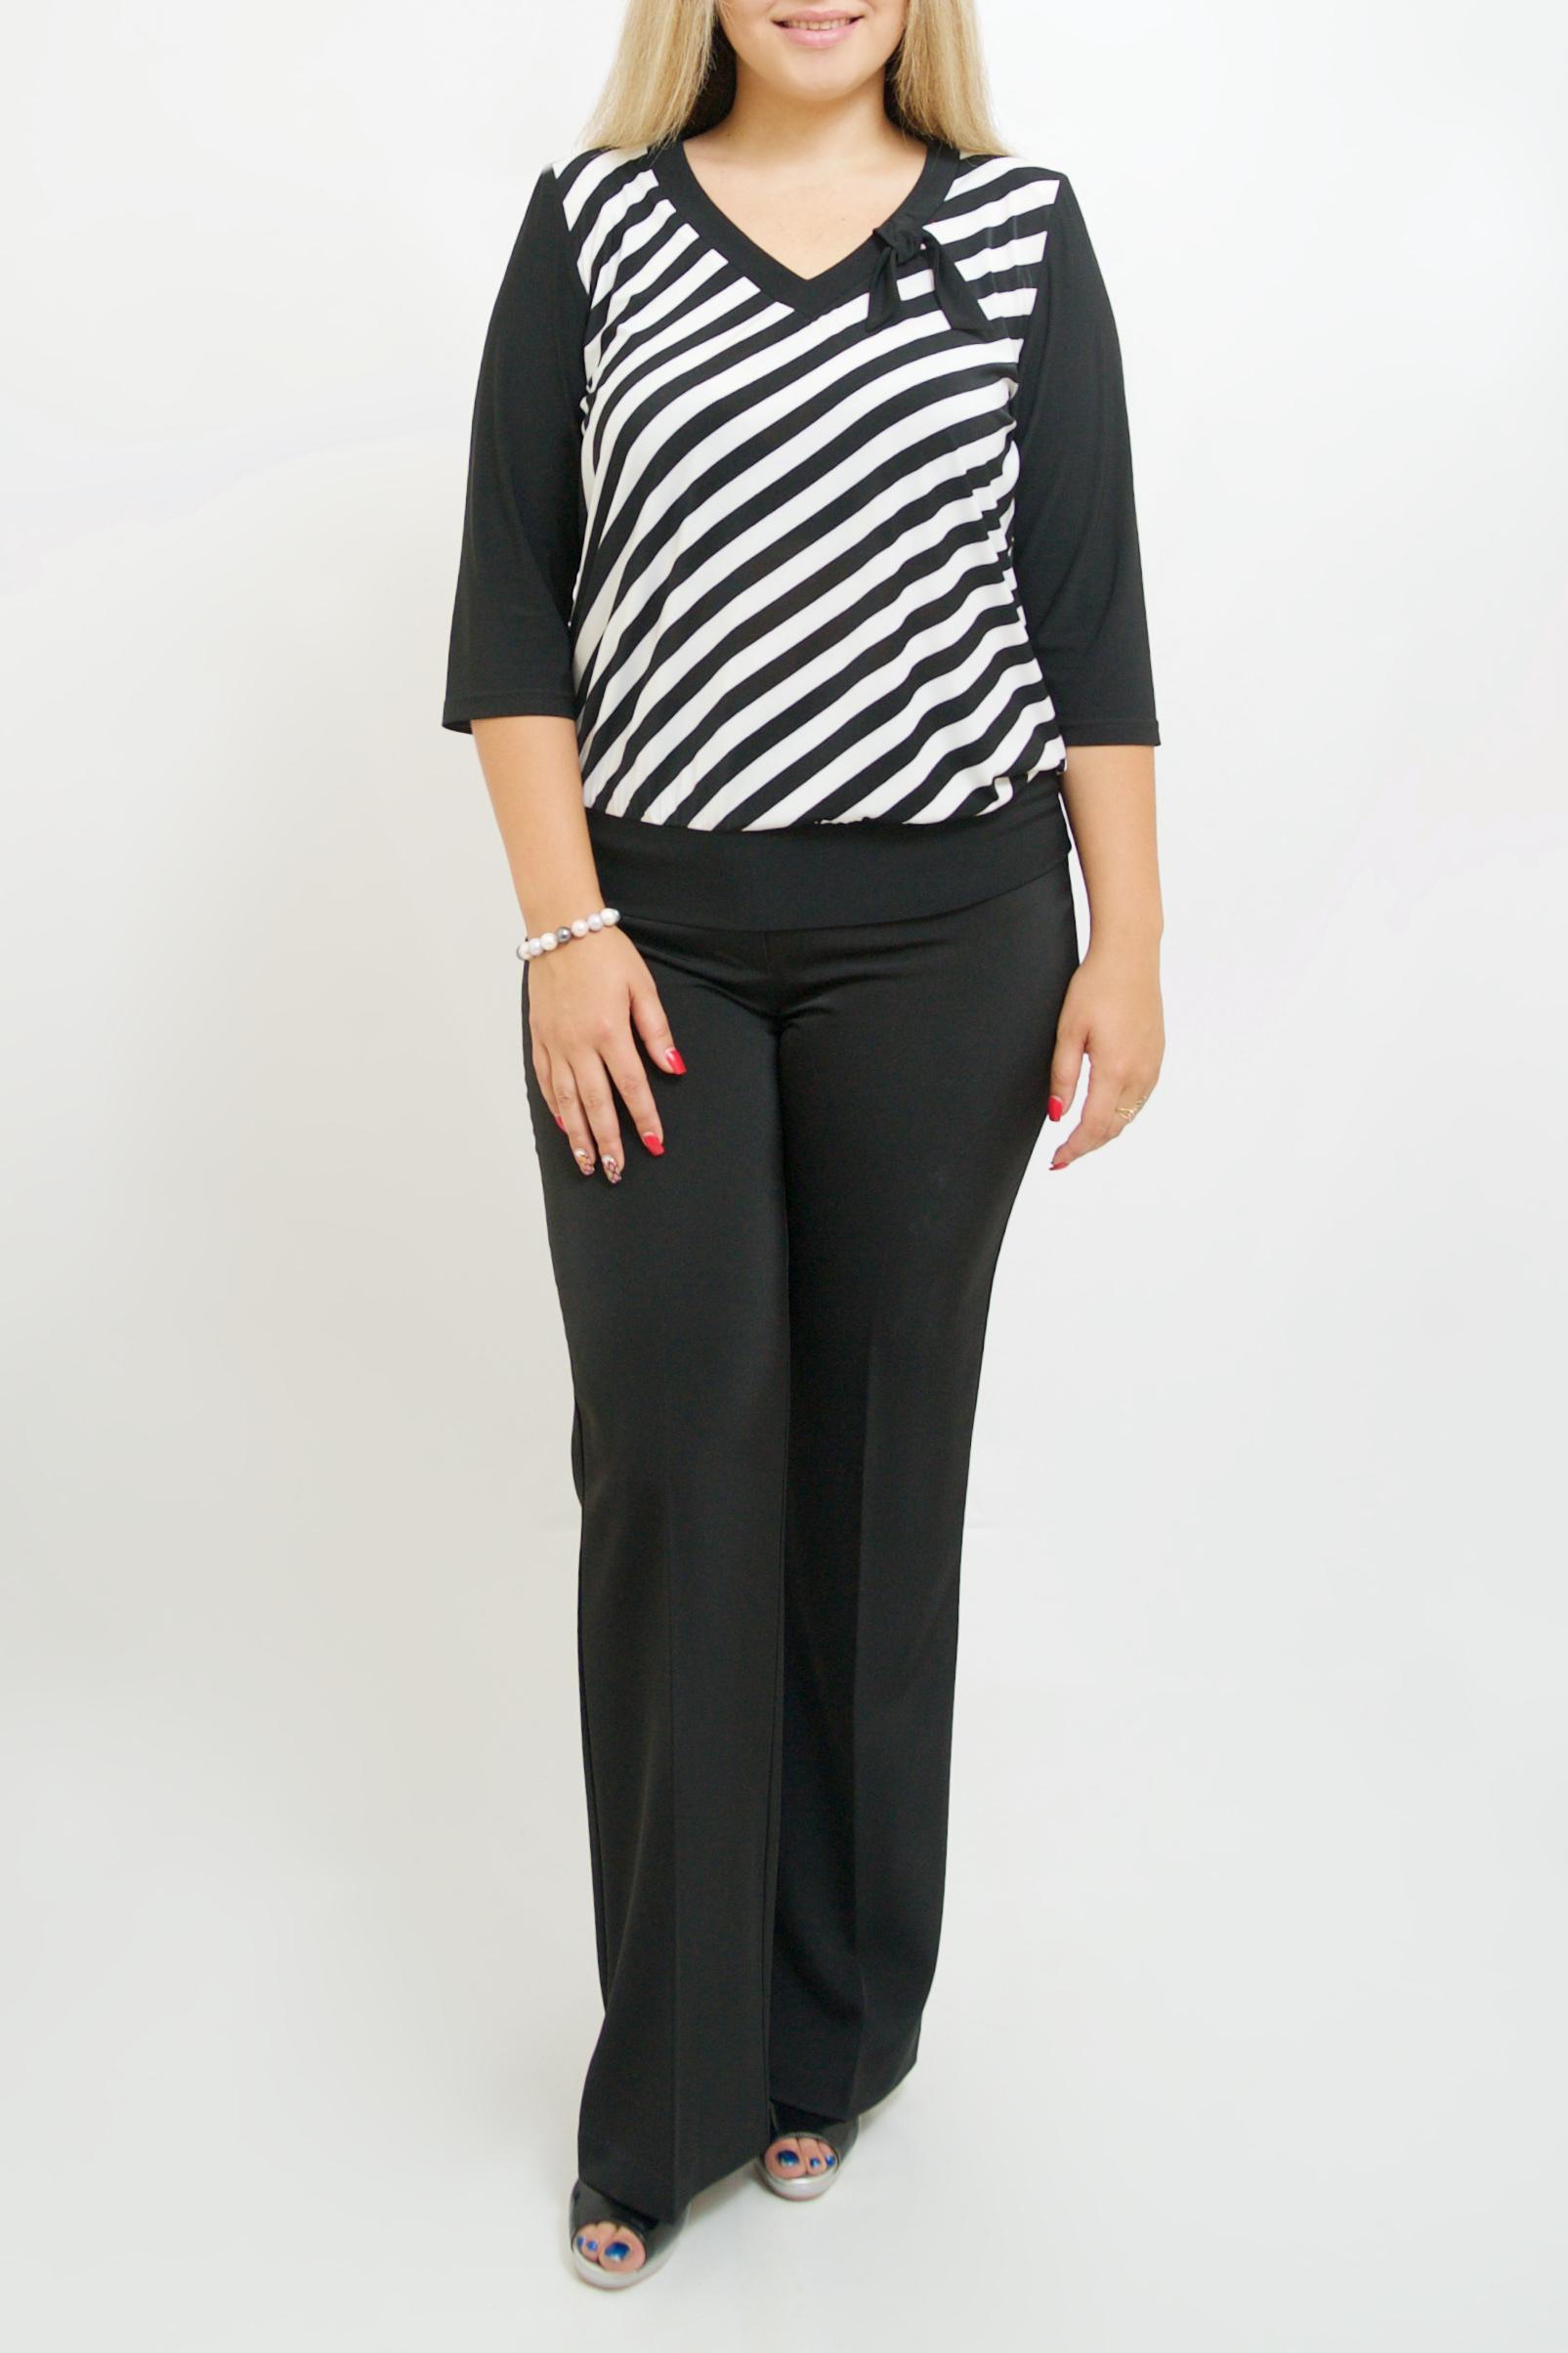 БлузкаБлузки<br>Красивая блузка с V-образной горловиной и рукавами 3/4. Модель выполнена из приятного материала. Отличный выбор для любого случая.  В изделии использованы цвета: черный, белый   Ростовка изделия 170 см.<br><br>Горловина: V- горловина<br>По материалу: Трикотаж<br>По рисунку: В полоску,С принтом,Цветные<br>По сезону: Весна,Зима,Лето,Осень,Всесезон<br>По силуэту: Полуприталенные<br>По стилю: Повседневный стиль<br>Рукав: Рукав три четверти<br>Размер : 44-46,48-50,52-56,58-62<br>Материал: Холодное масло<br>Количество в наличии: 7